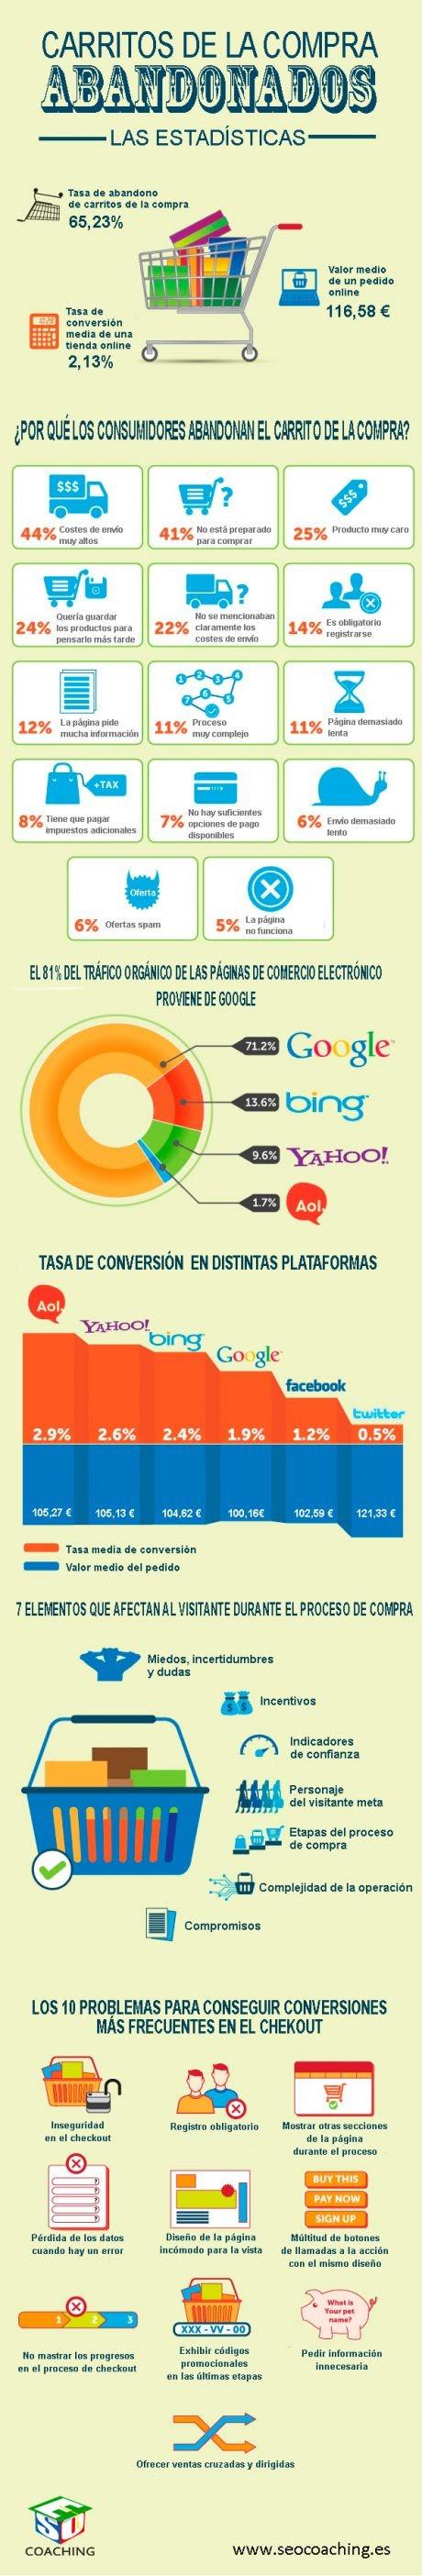 eCommerce: carritos de la compra abandonados (Infografía)